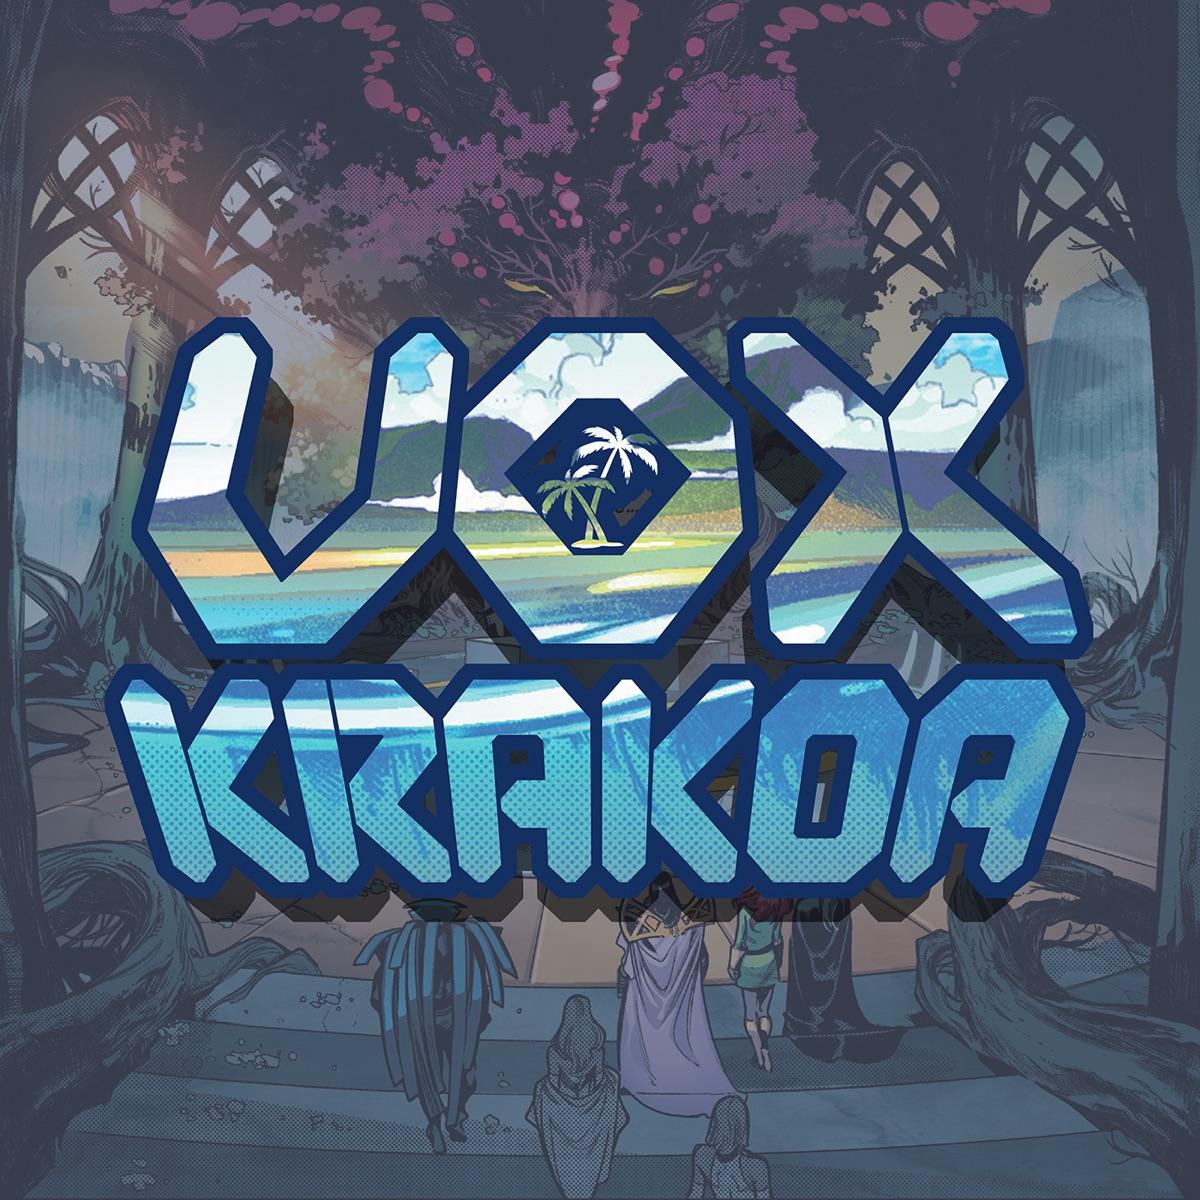 Vox Krakoa